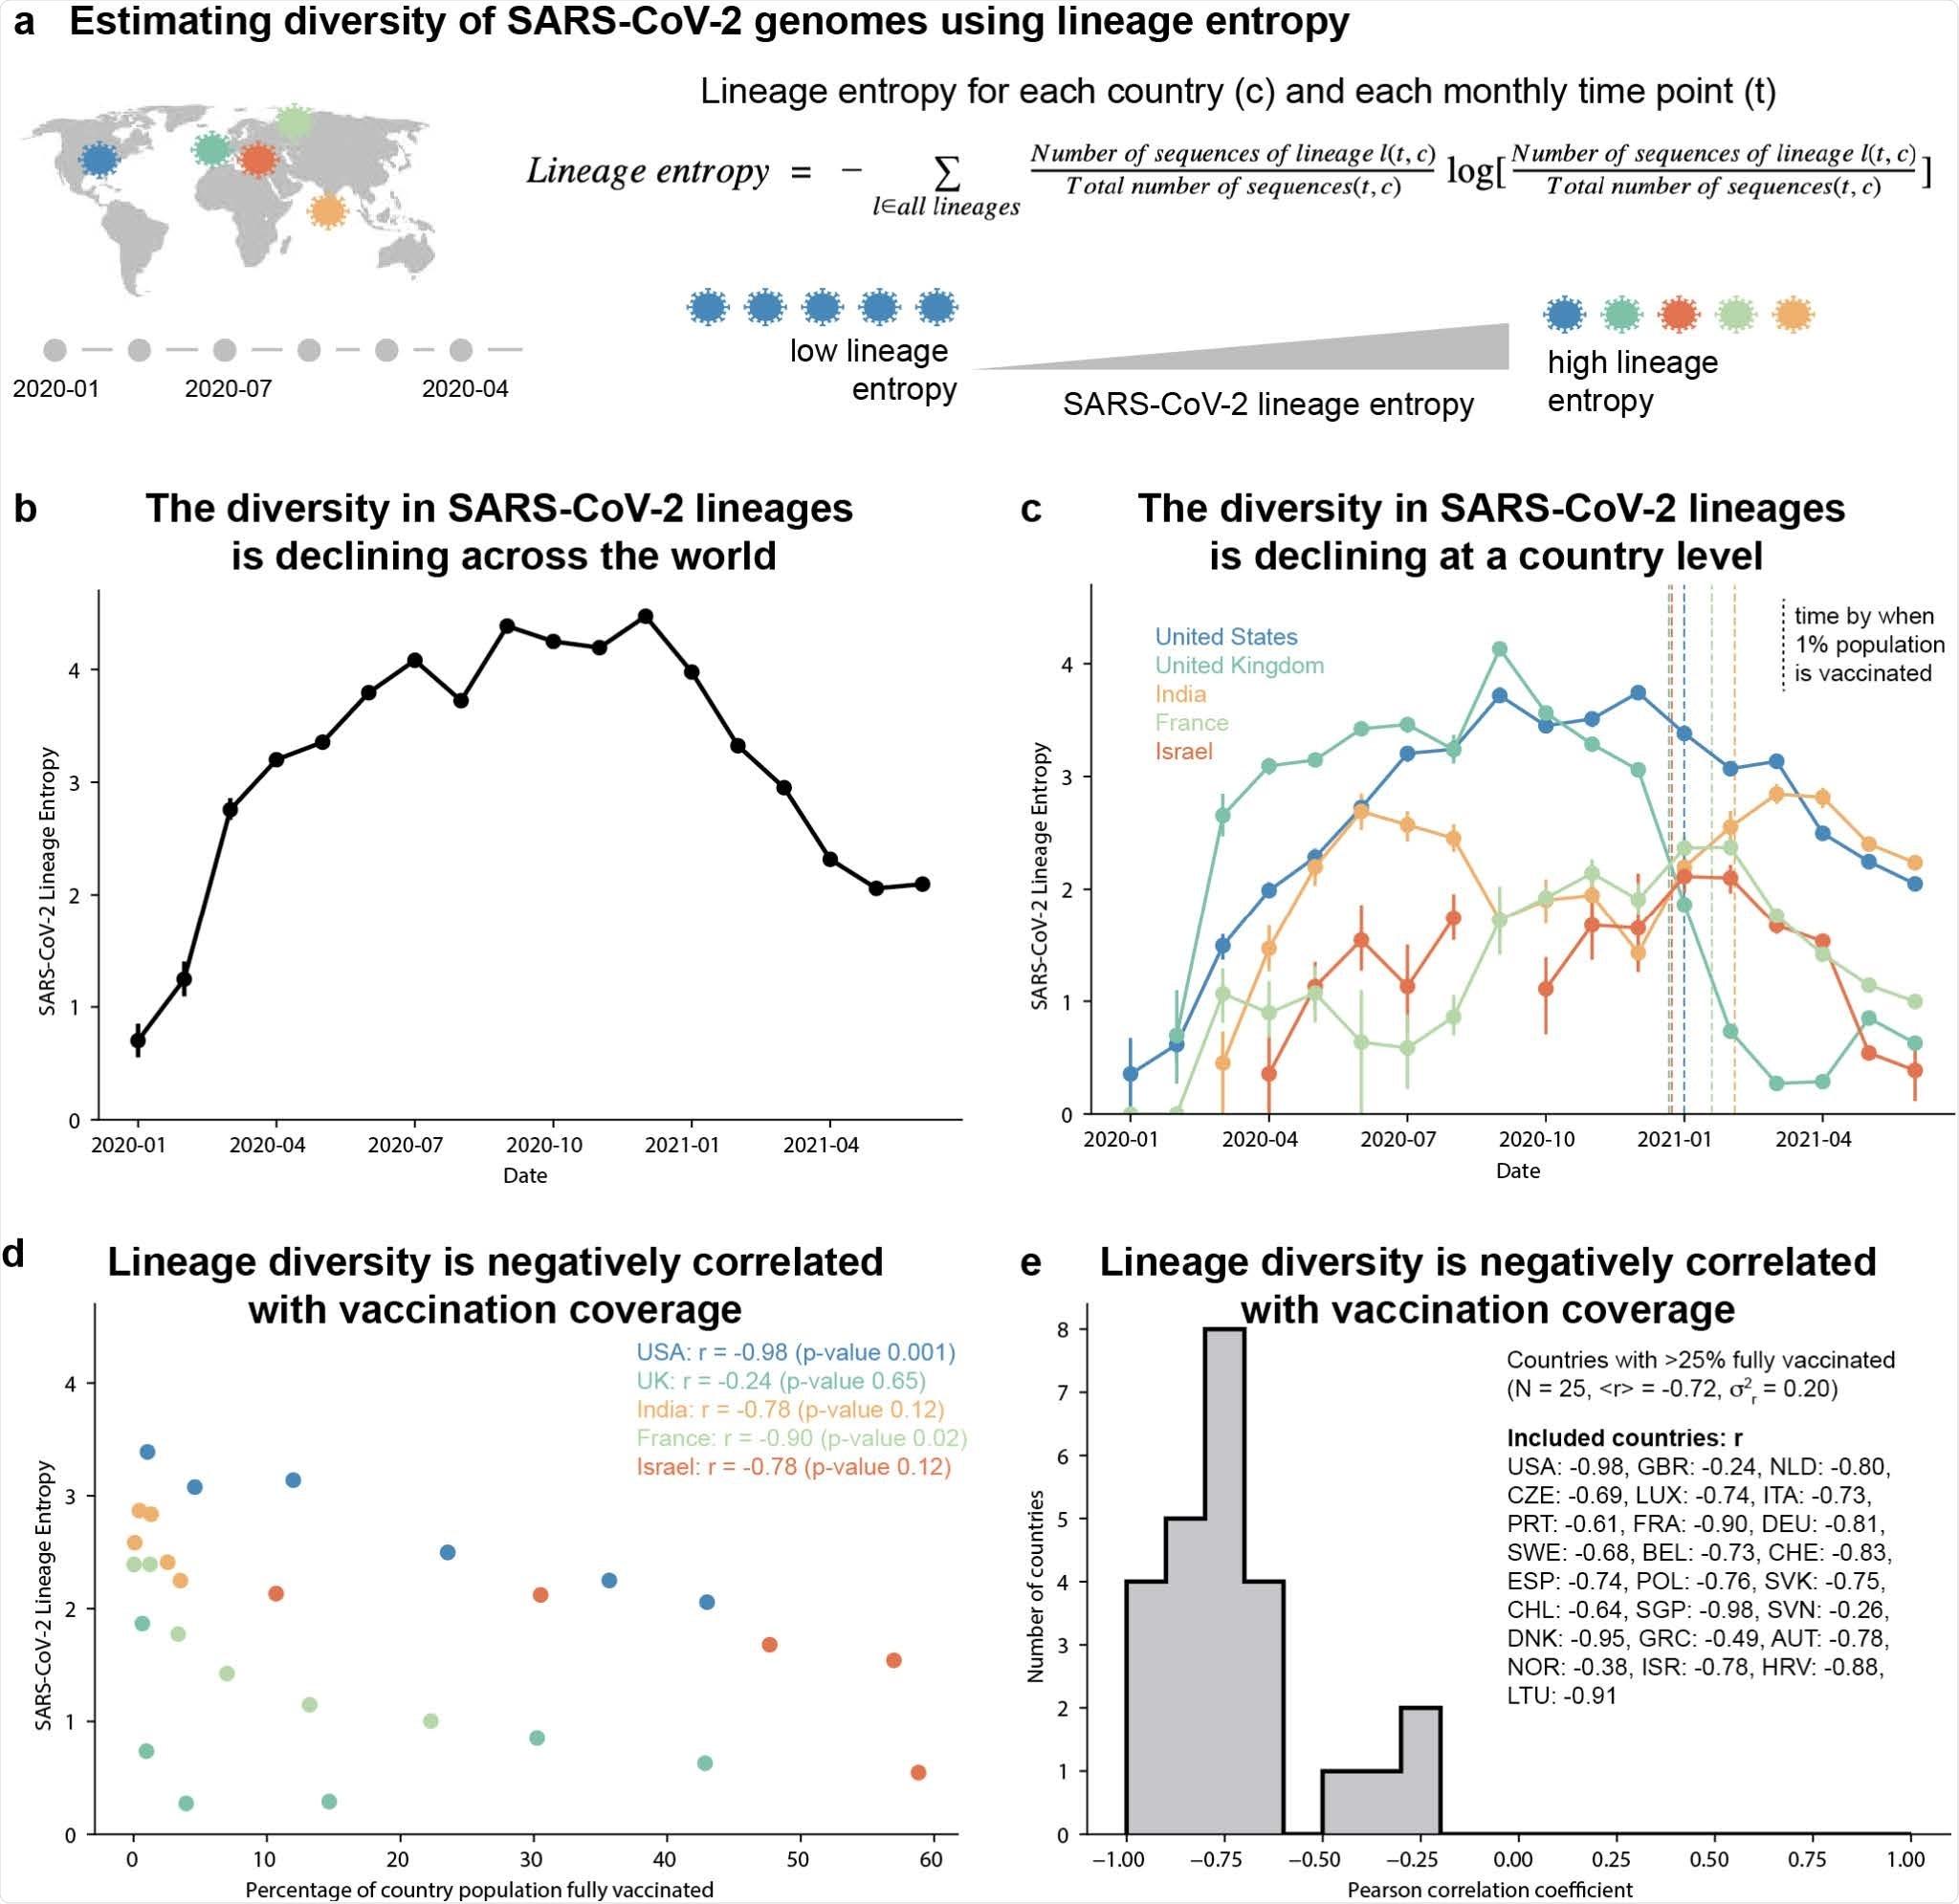 Les génomes SARS-CoV-2 montrent une diversité globale de déclin dans l